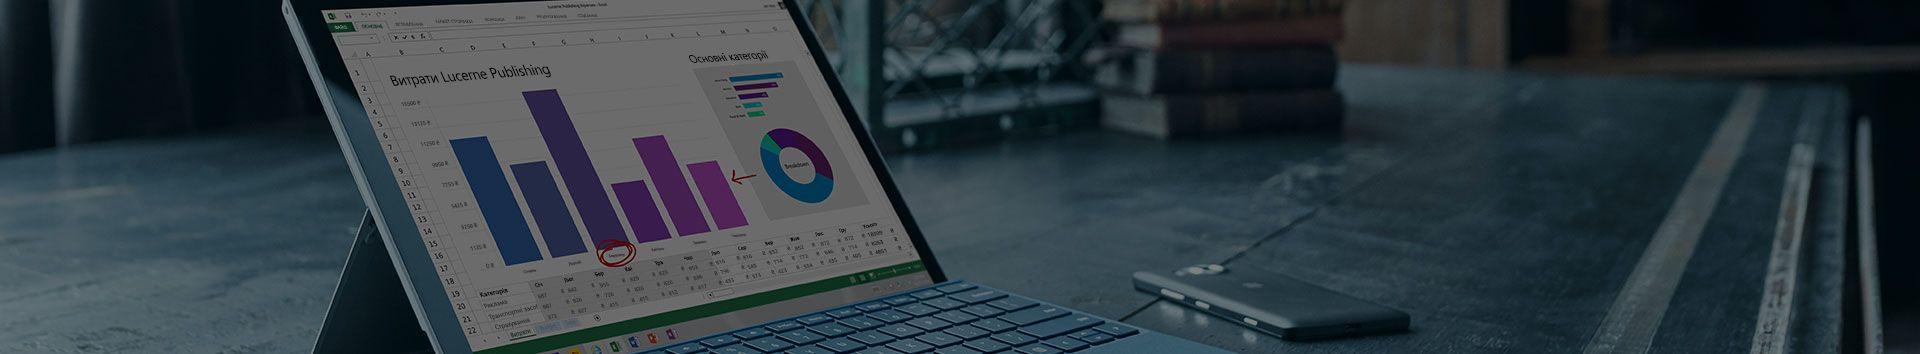 Планшет Microsoft Surface зі звітом про витрати в Microsoft Excel